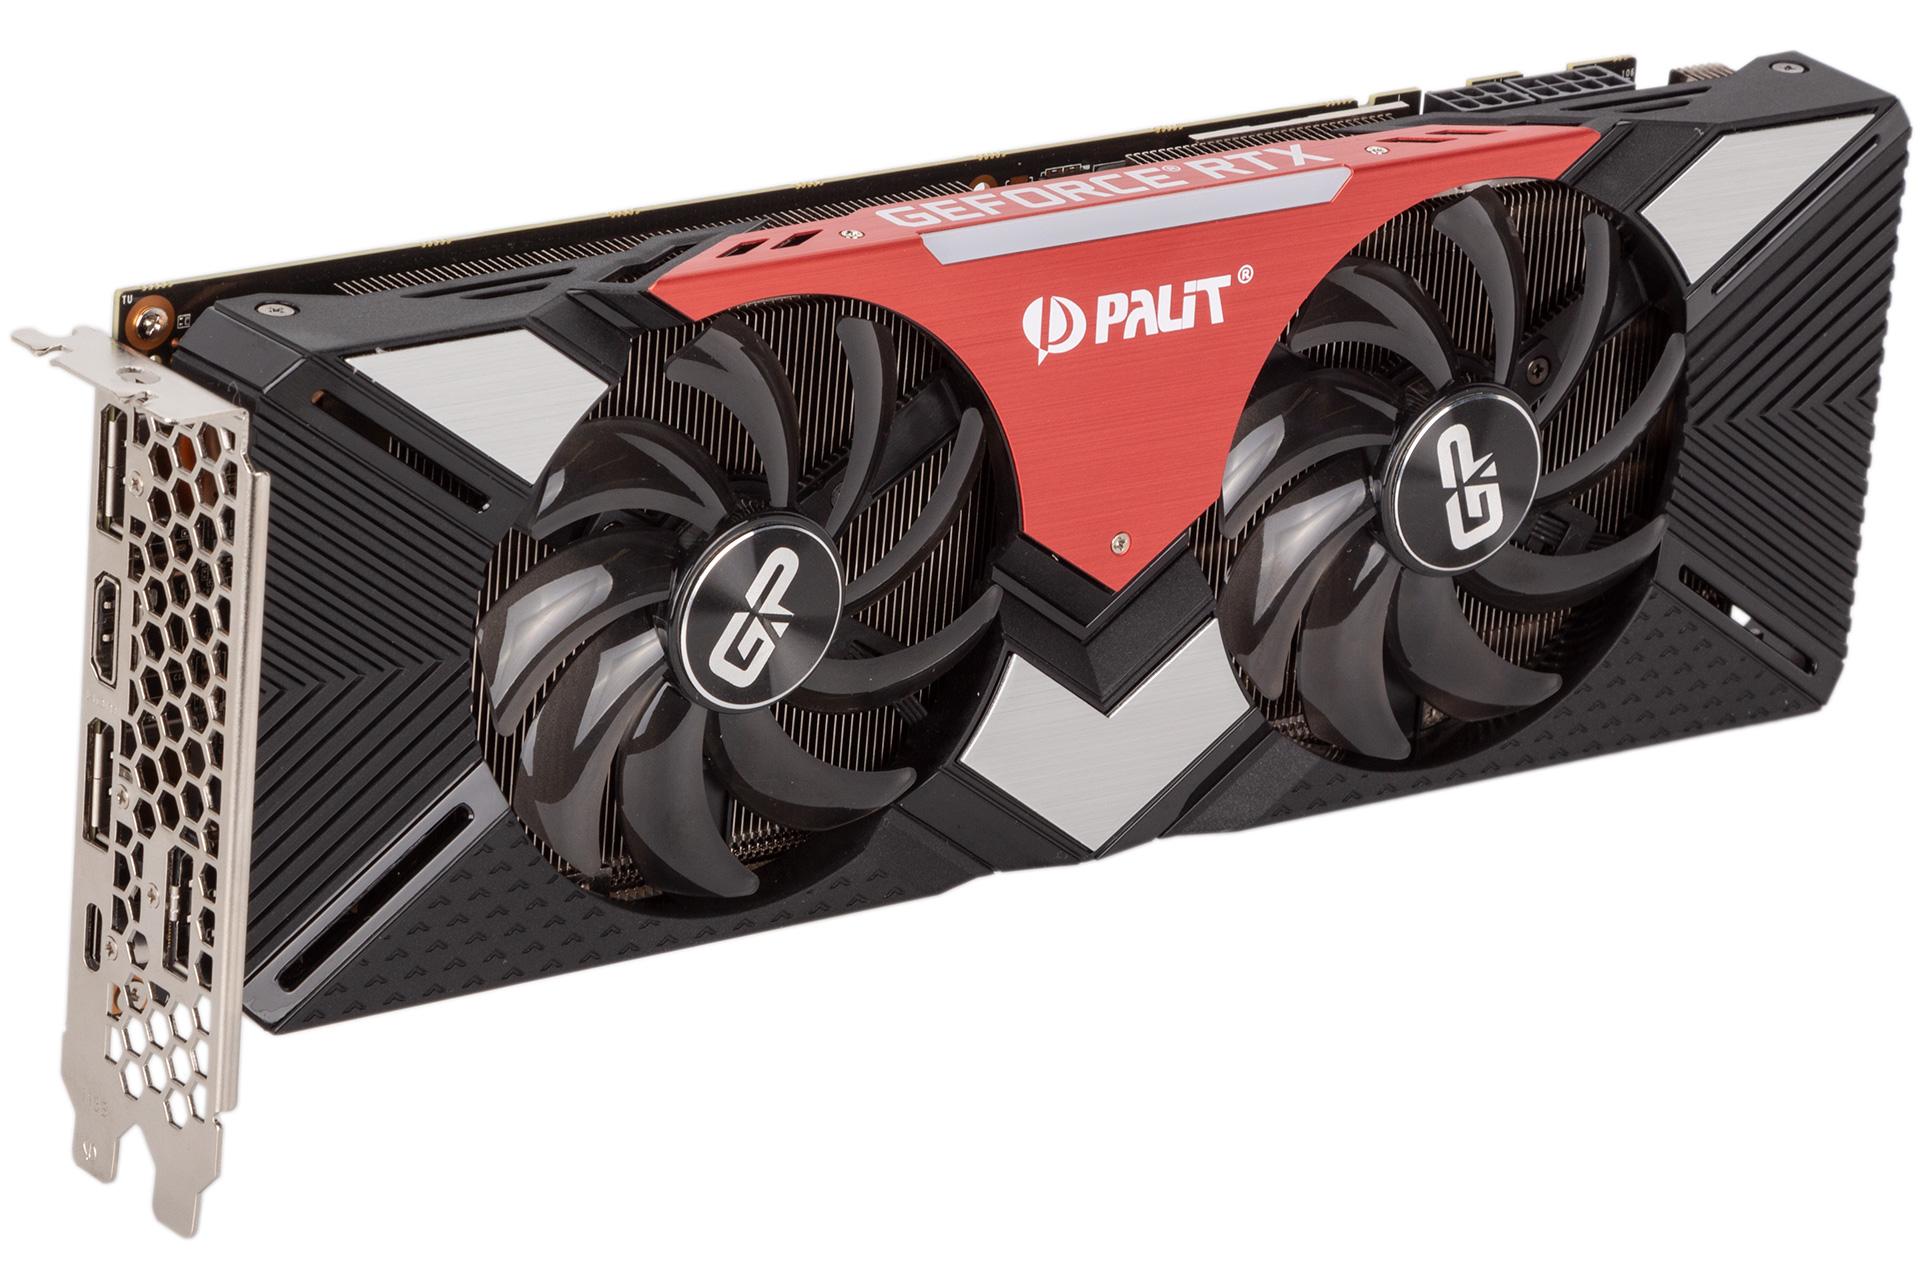 Palit GeForce RTX 2070 Dual Review | bit-tech net